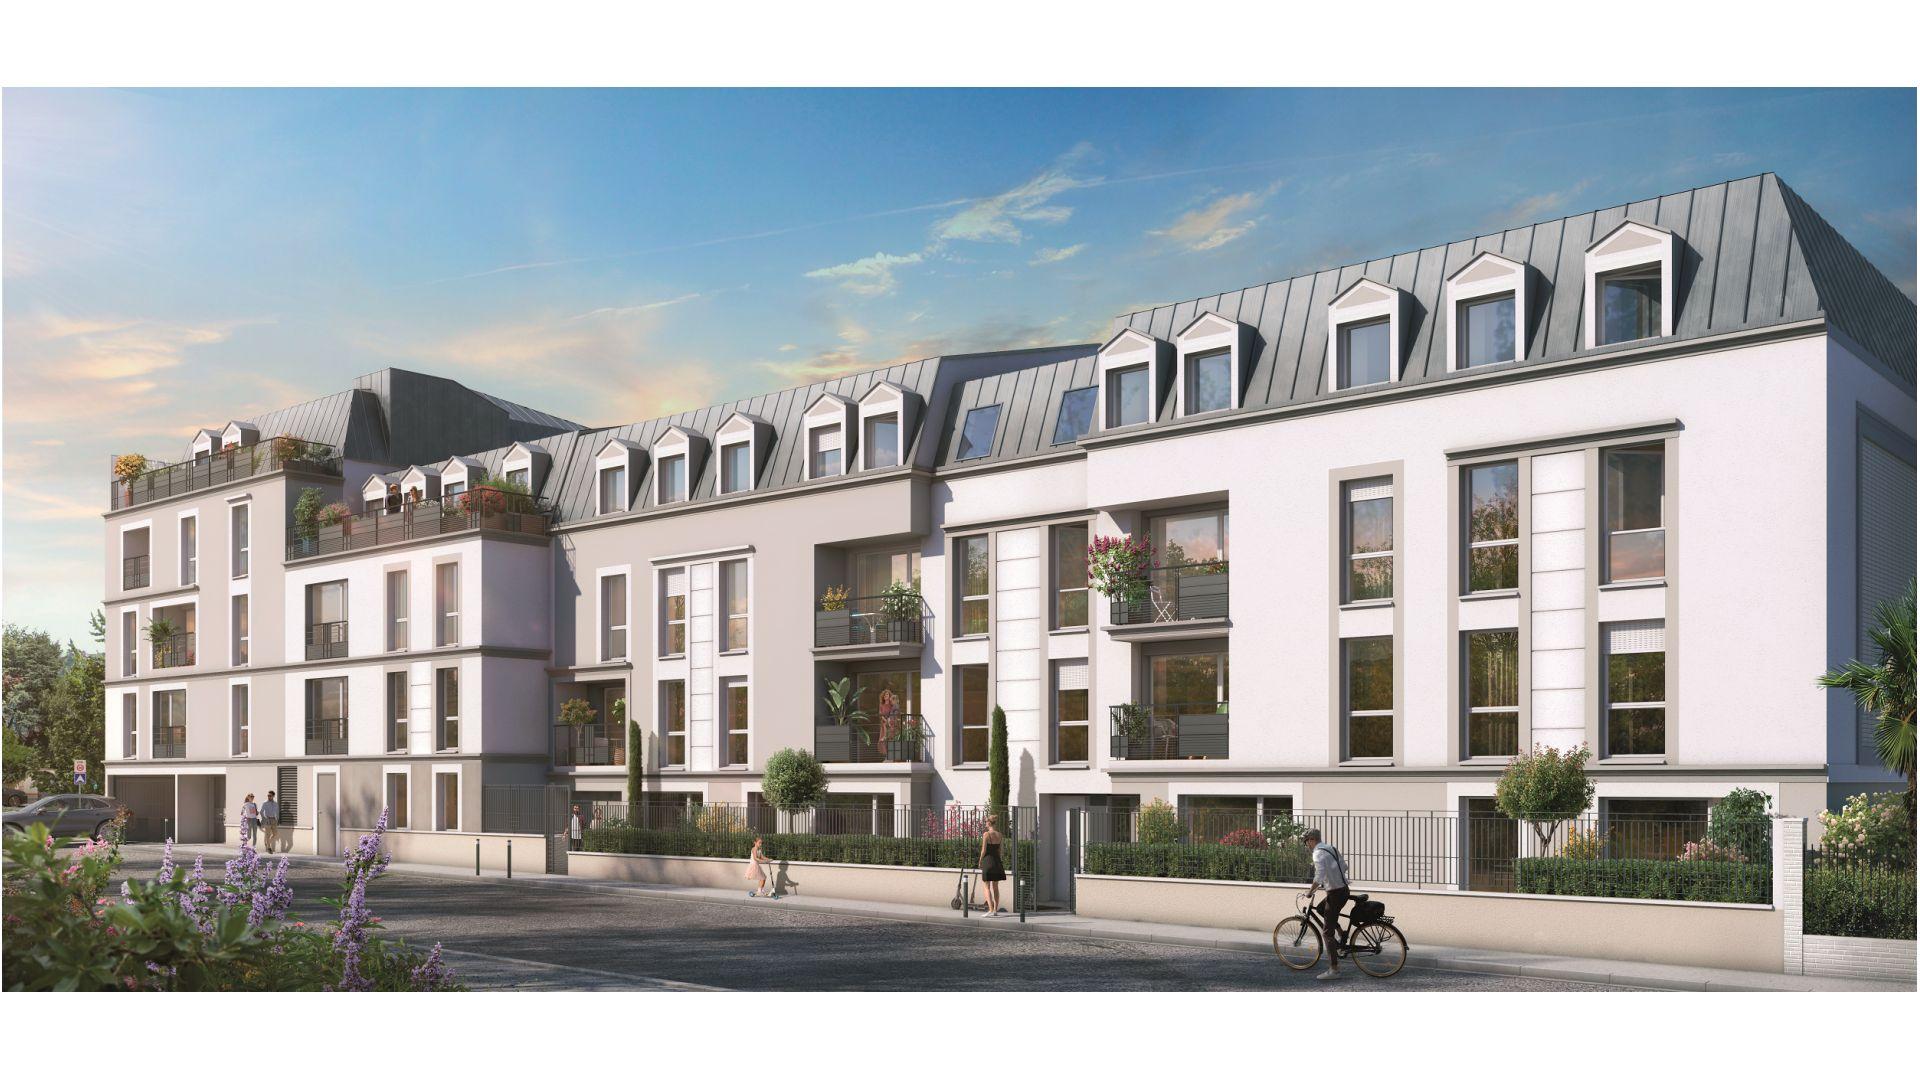 Greencity Immobilier - Résidence Le Fantasio - achat appartements du T1 au T3 - Savigny-sur-Orge 91600